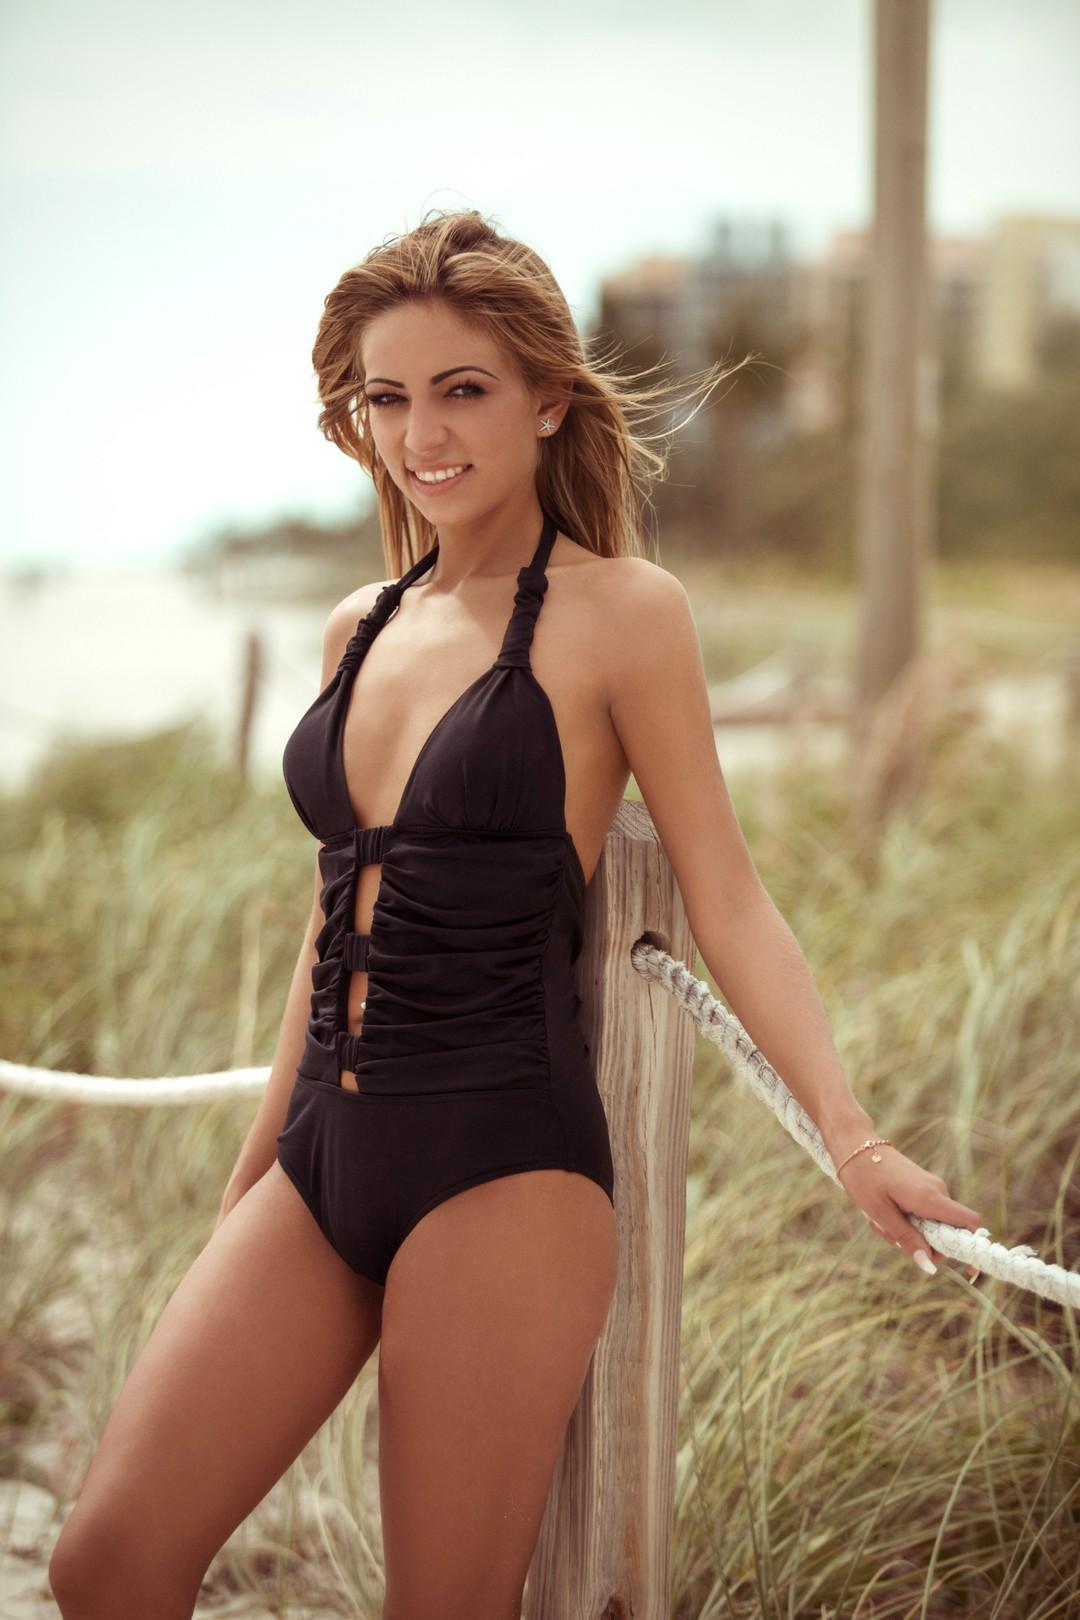 Der Bachelor 2017: Alle Kandidatinnen im Bikini - Bild 13 von 23